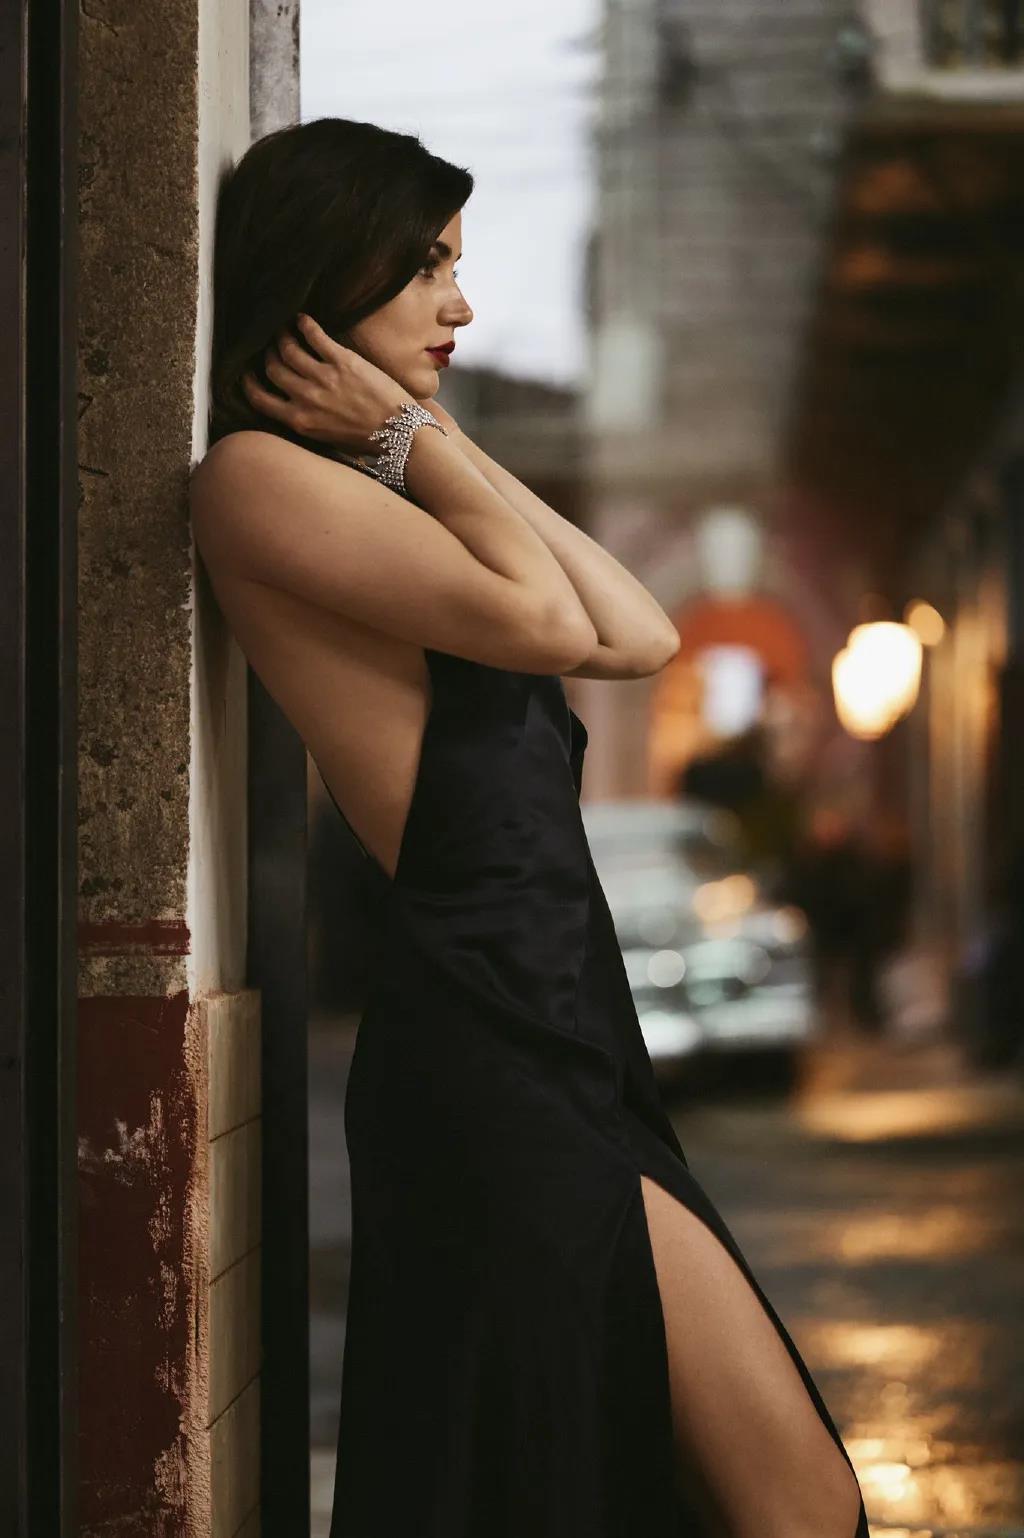 街拍安娜·德·阿玛斯的图片 第11张